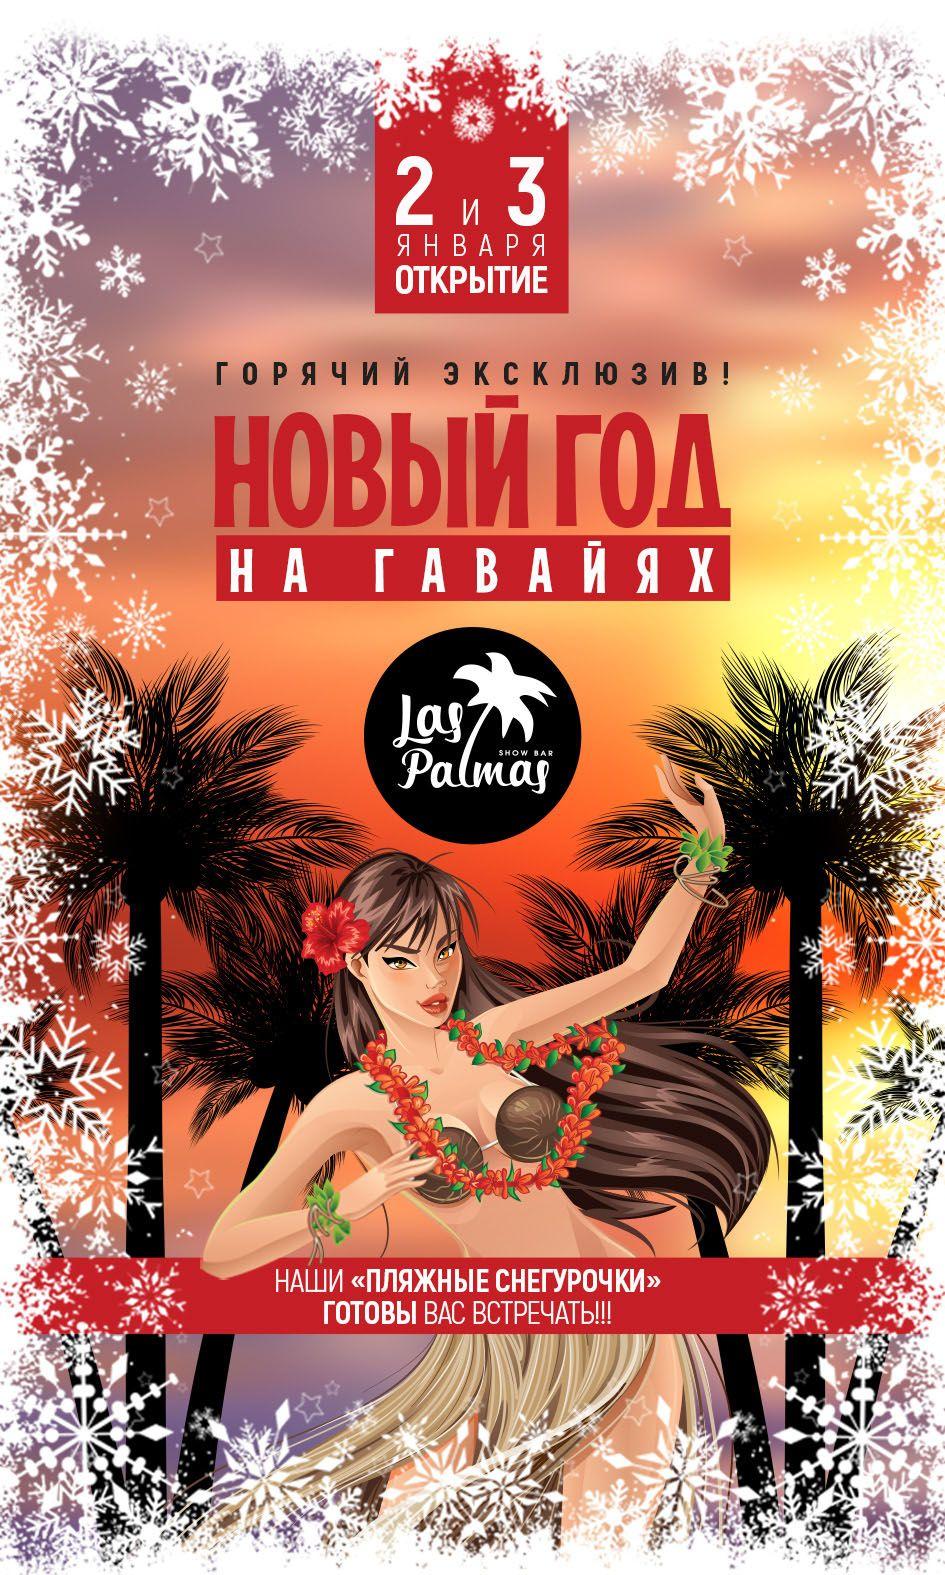 НОВЫЙ ГОД НА ГАВАЙЯХ!!! Каждые выходные января - пляжные снегурочки встречают тебя  горячими танцами.